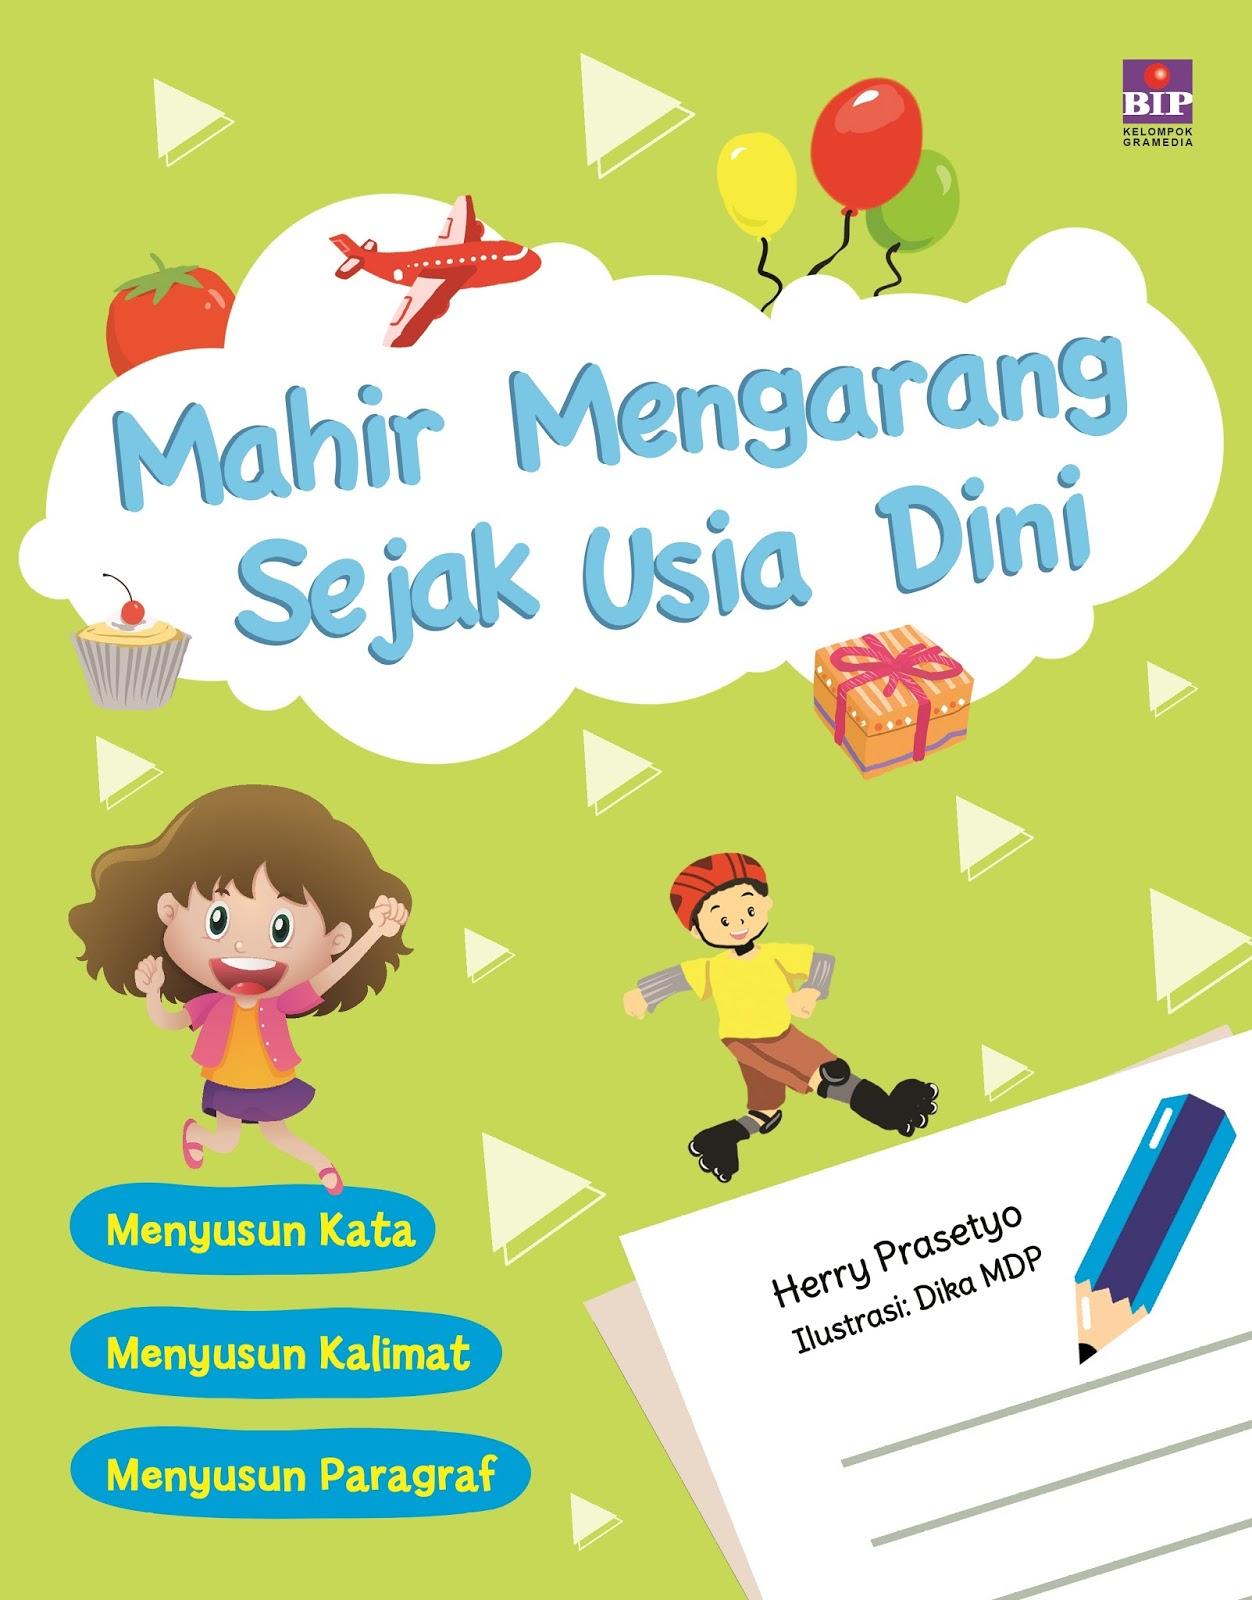 Buku ini menitikberatkan pada penggalian ide anak agar mudah belajar mengarang Anak juga dirangsang untuk kreatif dan memberdayakan kemampuan otaknya agar